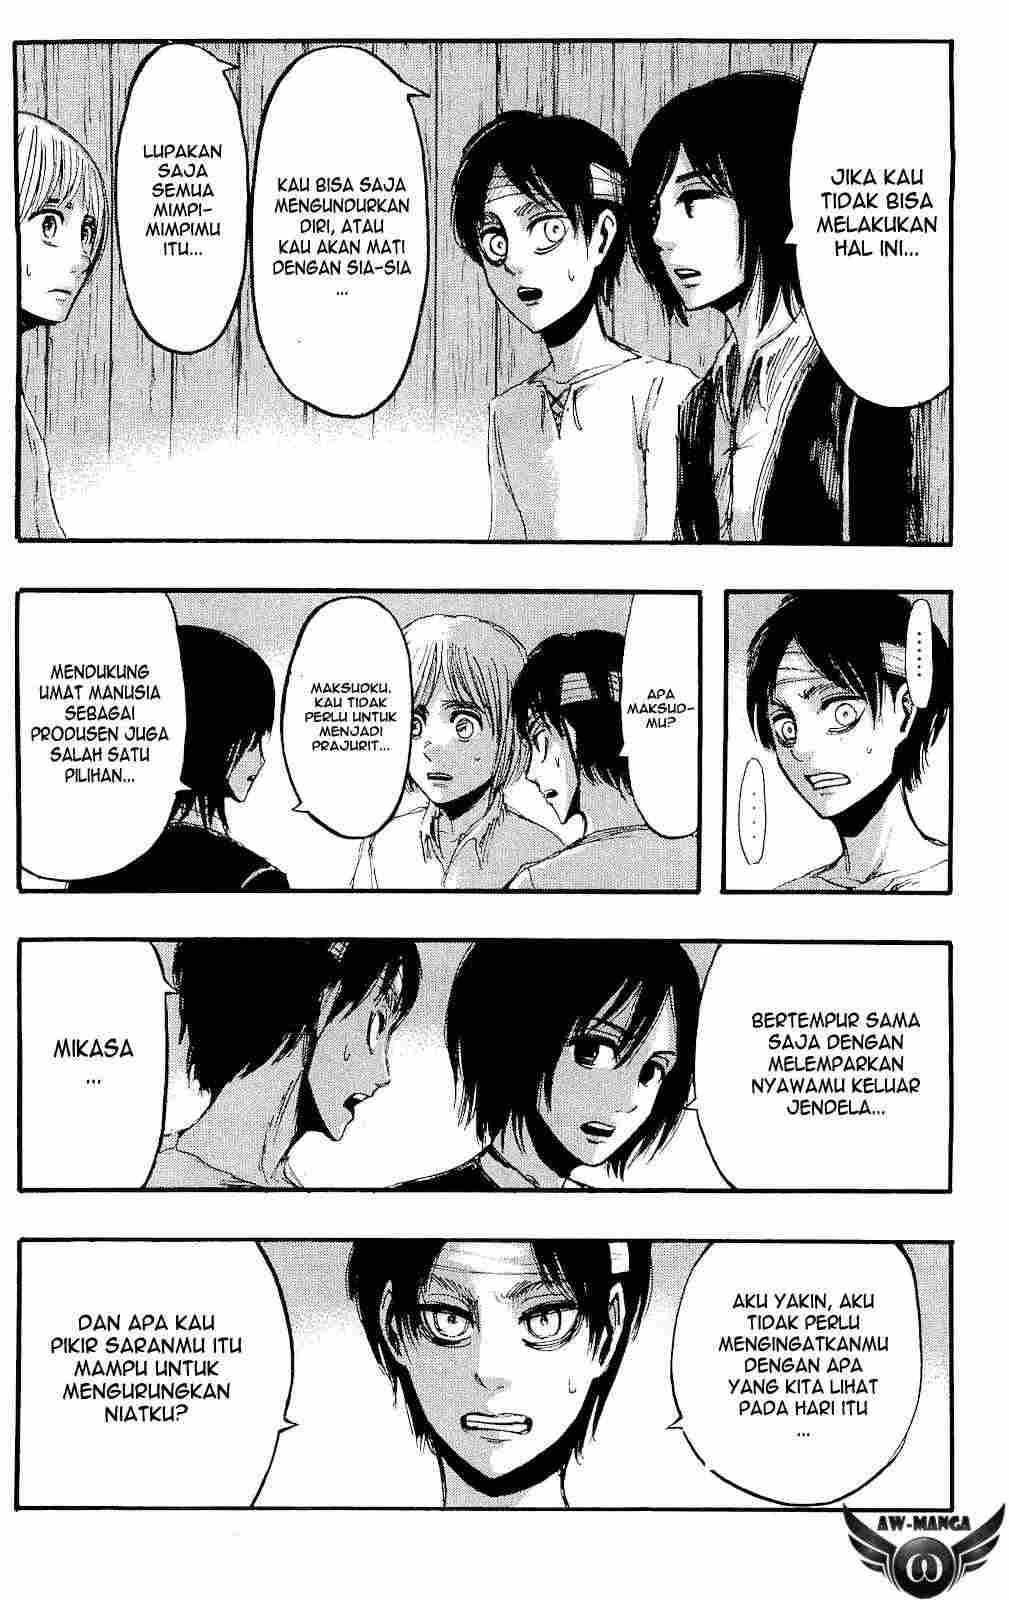 Komik shingeki no kyojin 016 - kebutuhan 17 Indonesia shingeki no kyojin 016 - kebutuhan Terbaru 8|Baca Manga Komik Indonesia|